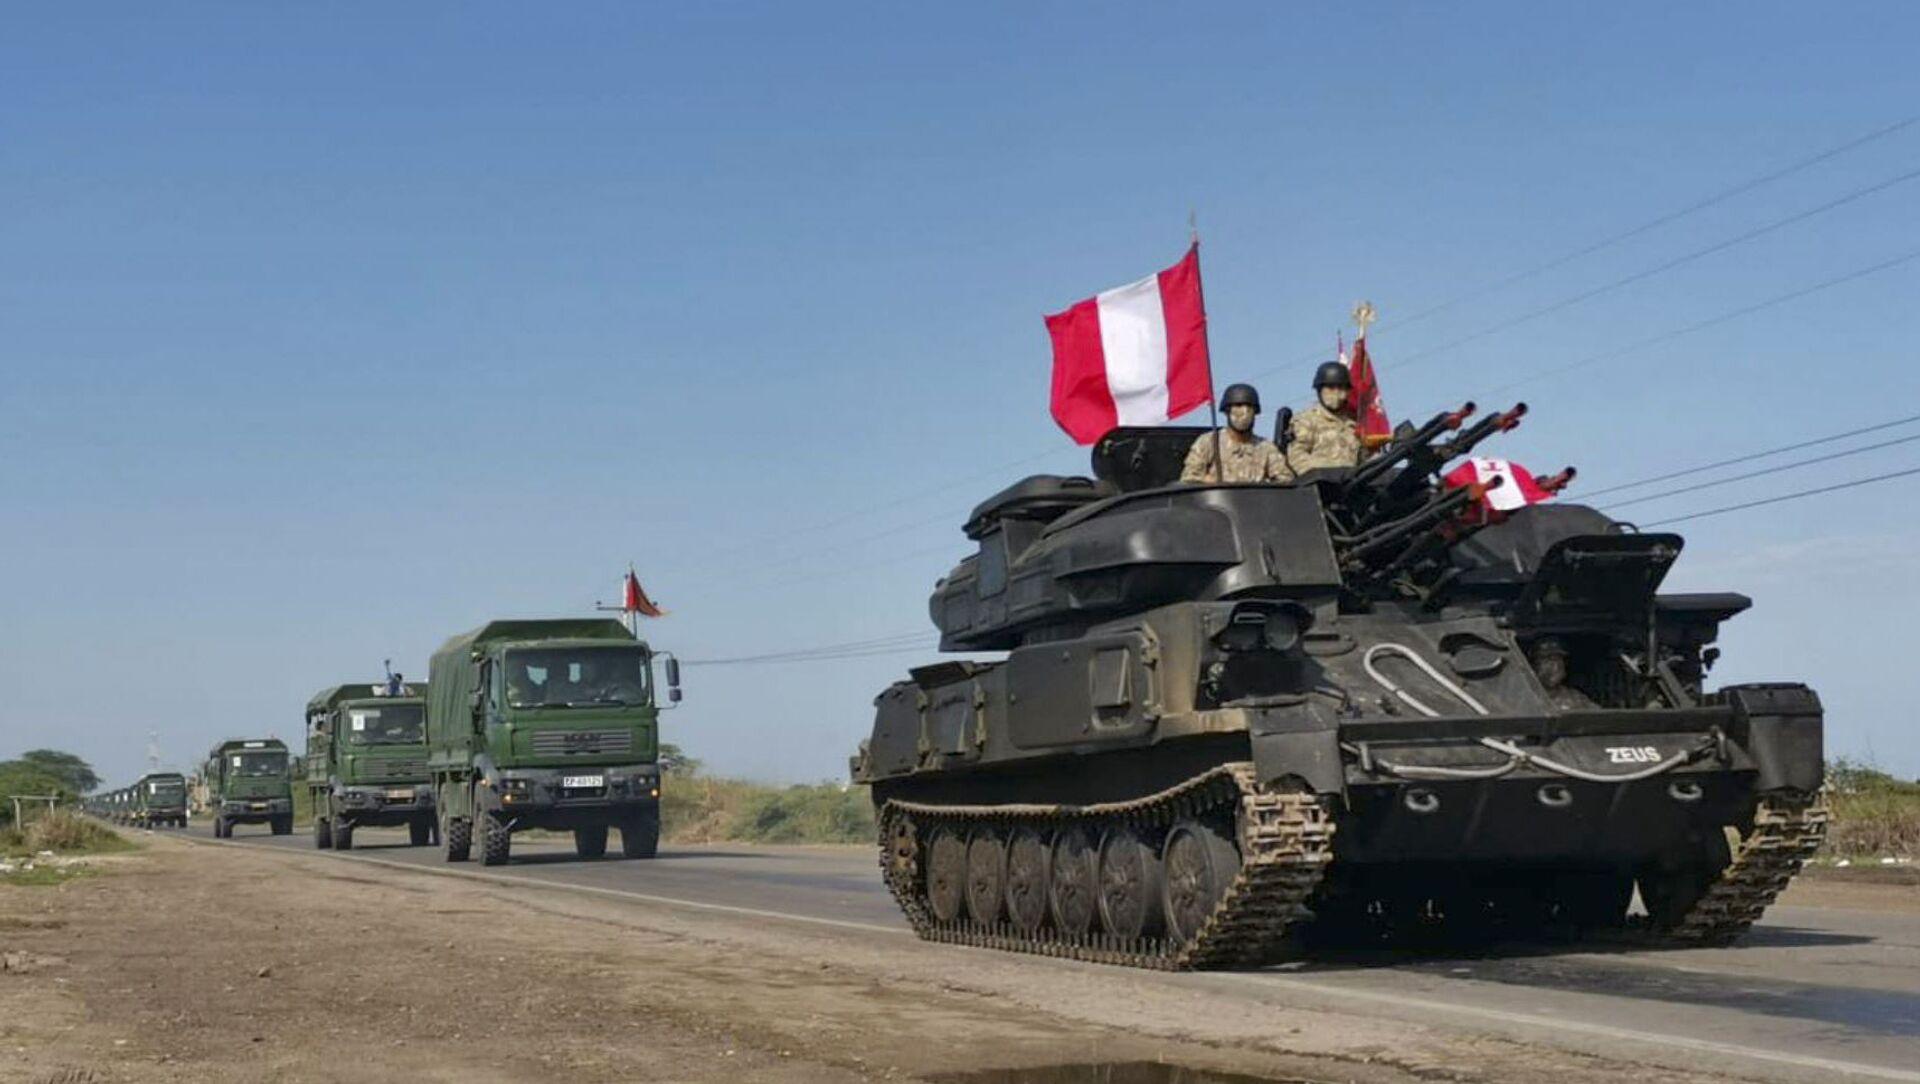 Vehículos militares del Ejército peruano se dirigen a la frontera con Ecuador.  - Sputnik Mundo, 1920, 29.01.2021